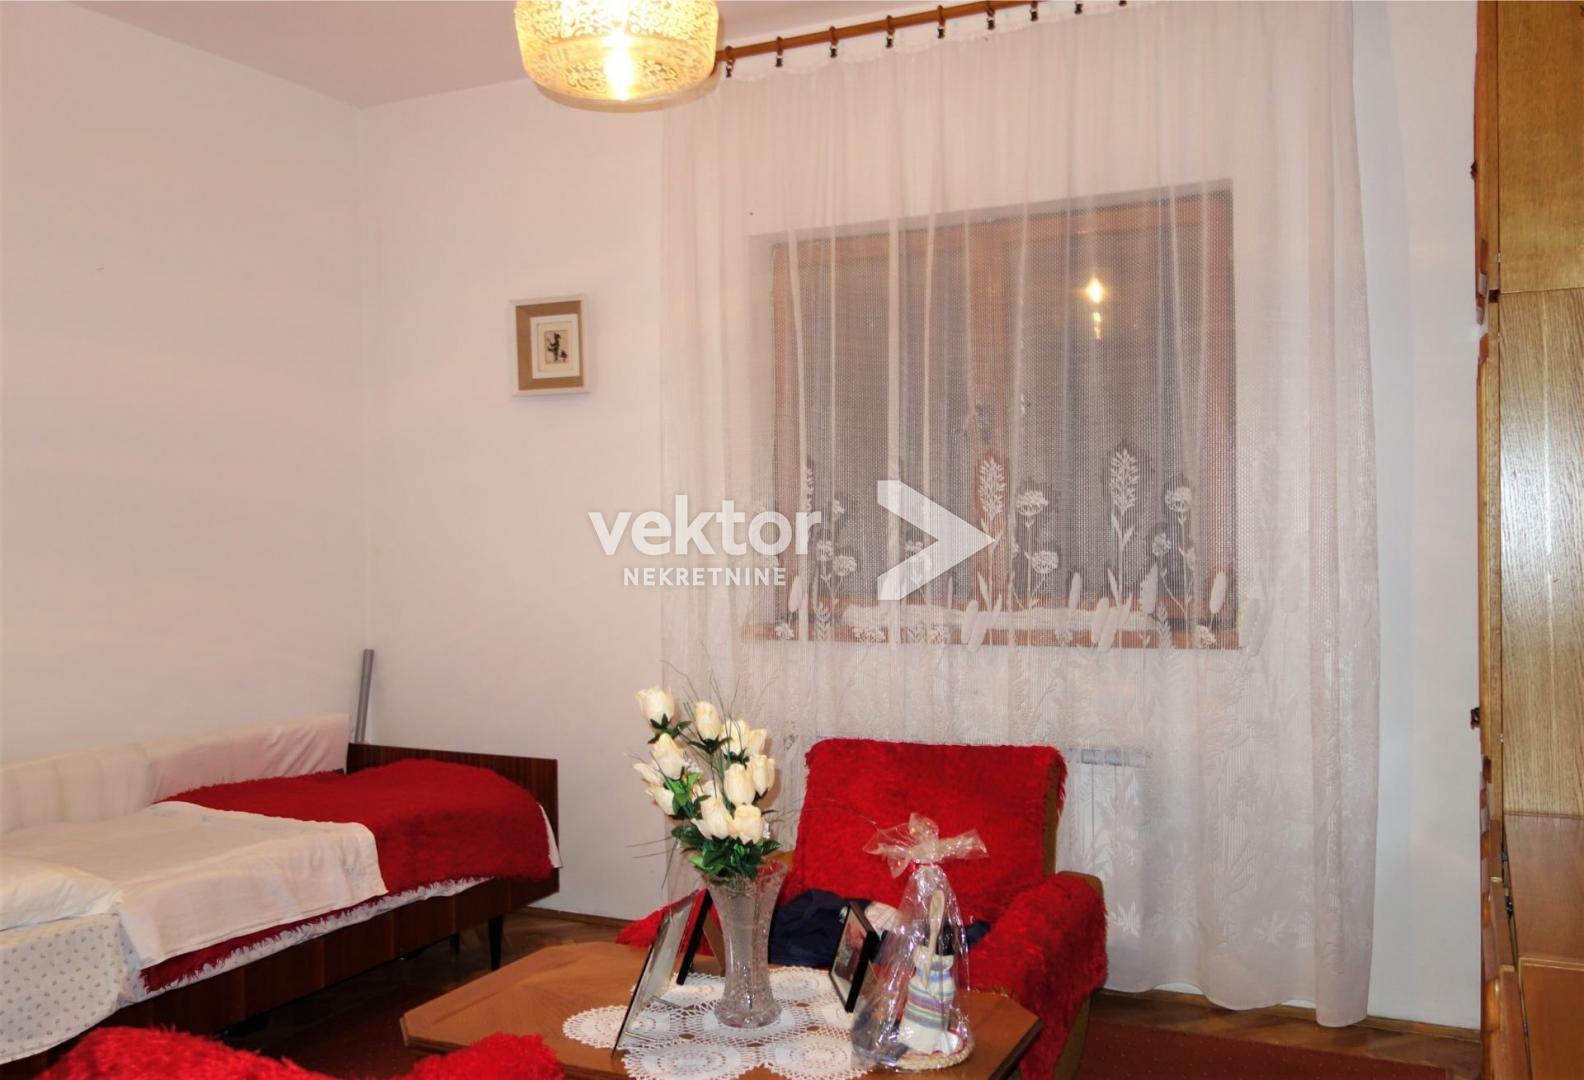 Kuća, Marčelji, 184m2, dva stana, 1018m2 okućnica